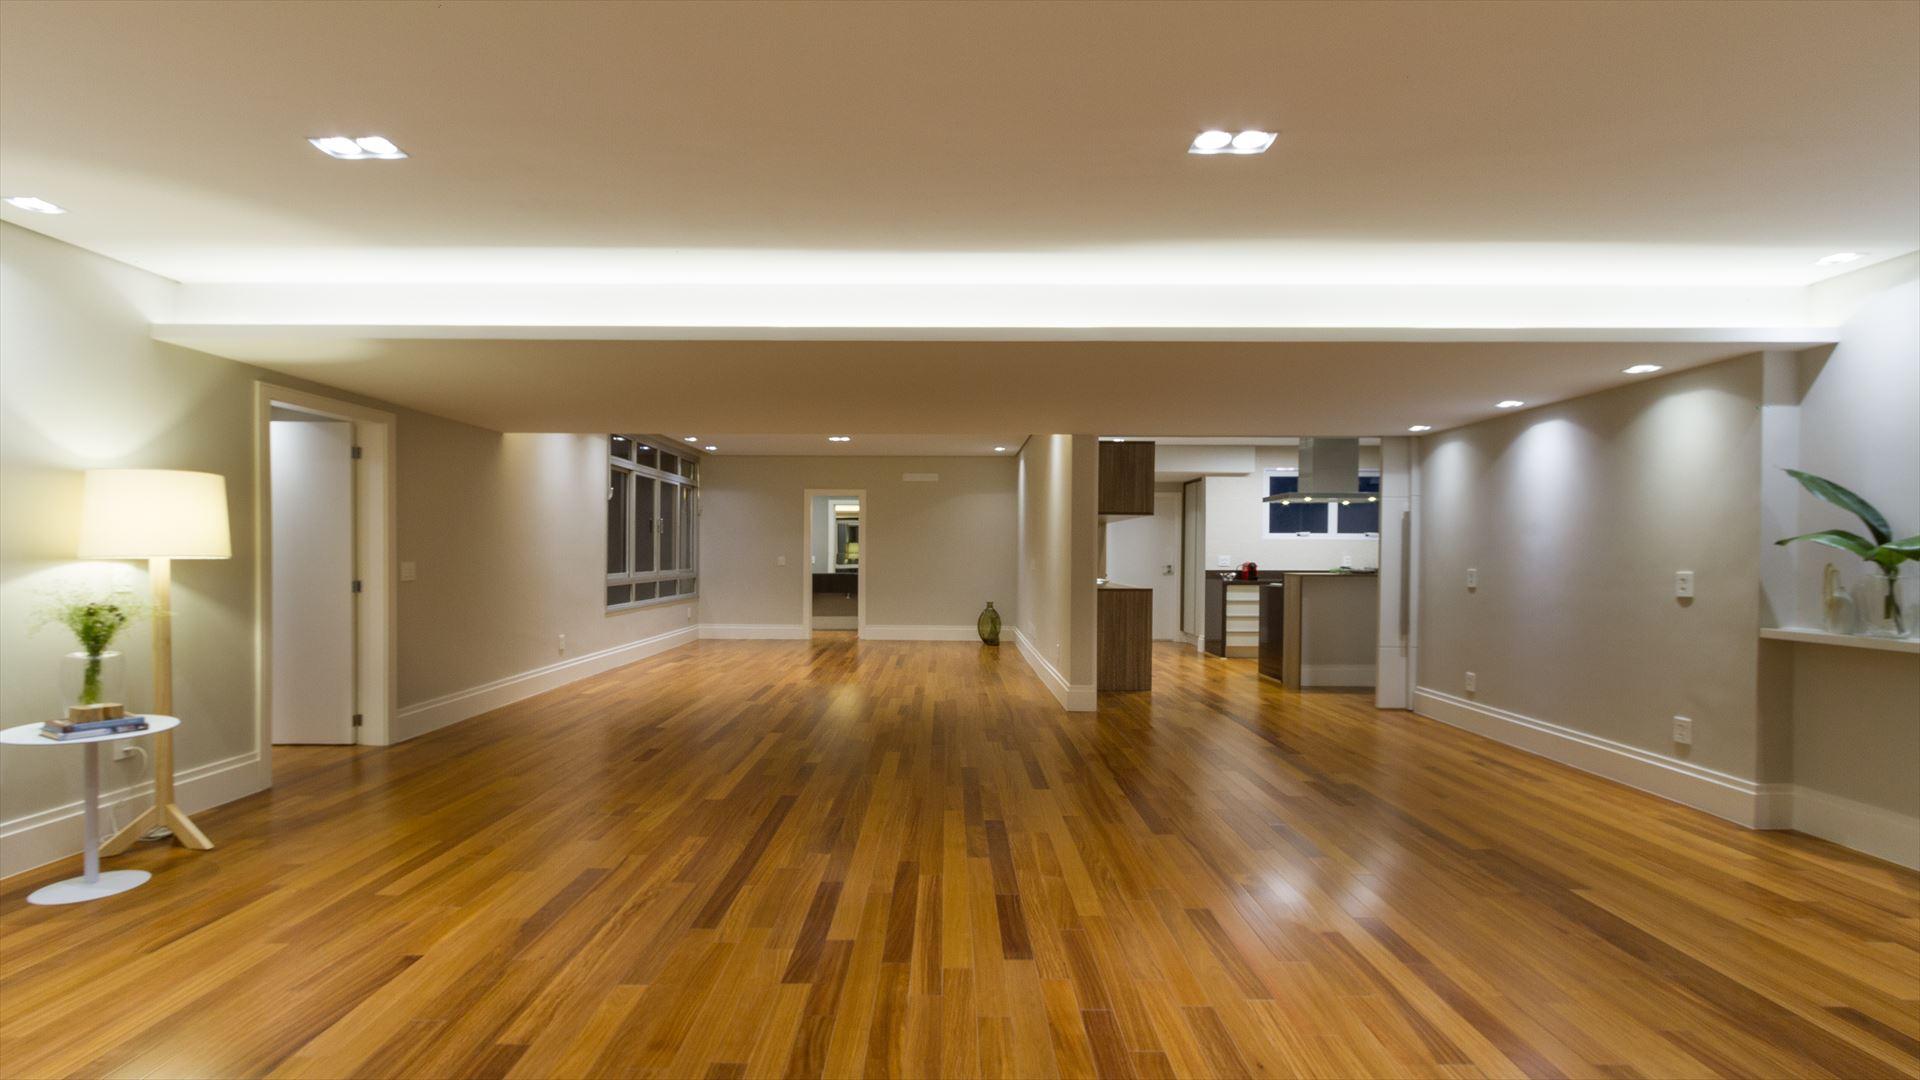 Veja como um bom projeto de iluminação faz a diferença em qualquer ambiente